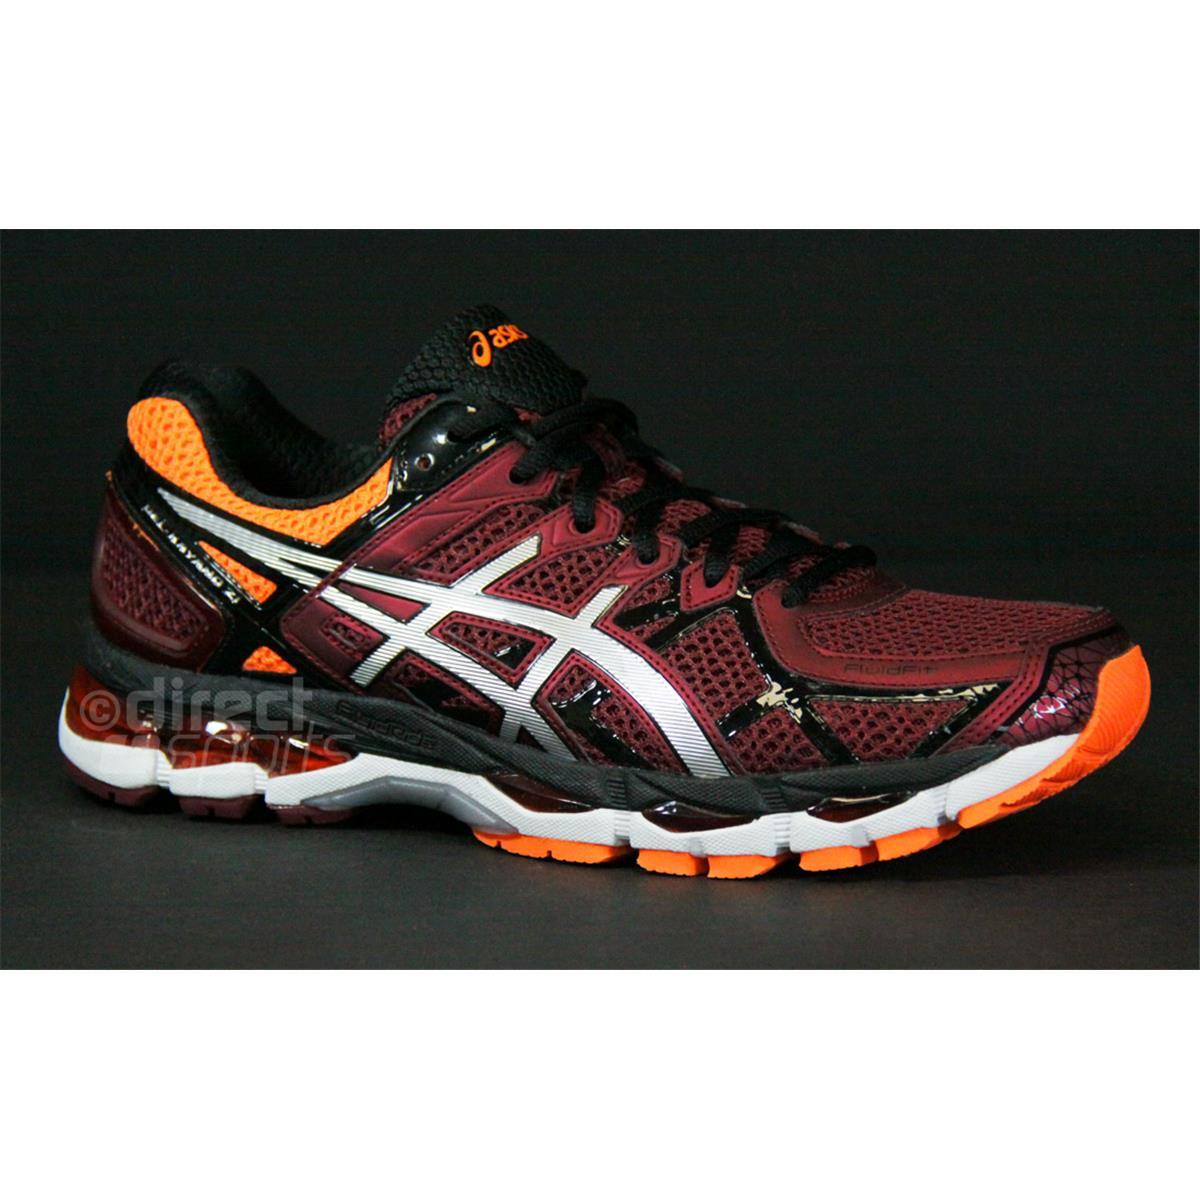 asics men's gel kayano 21 running shoe